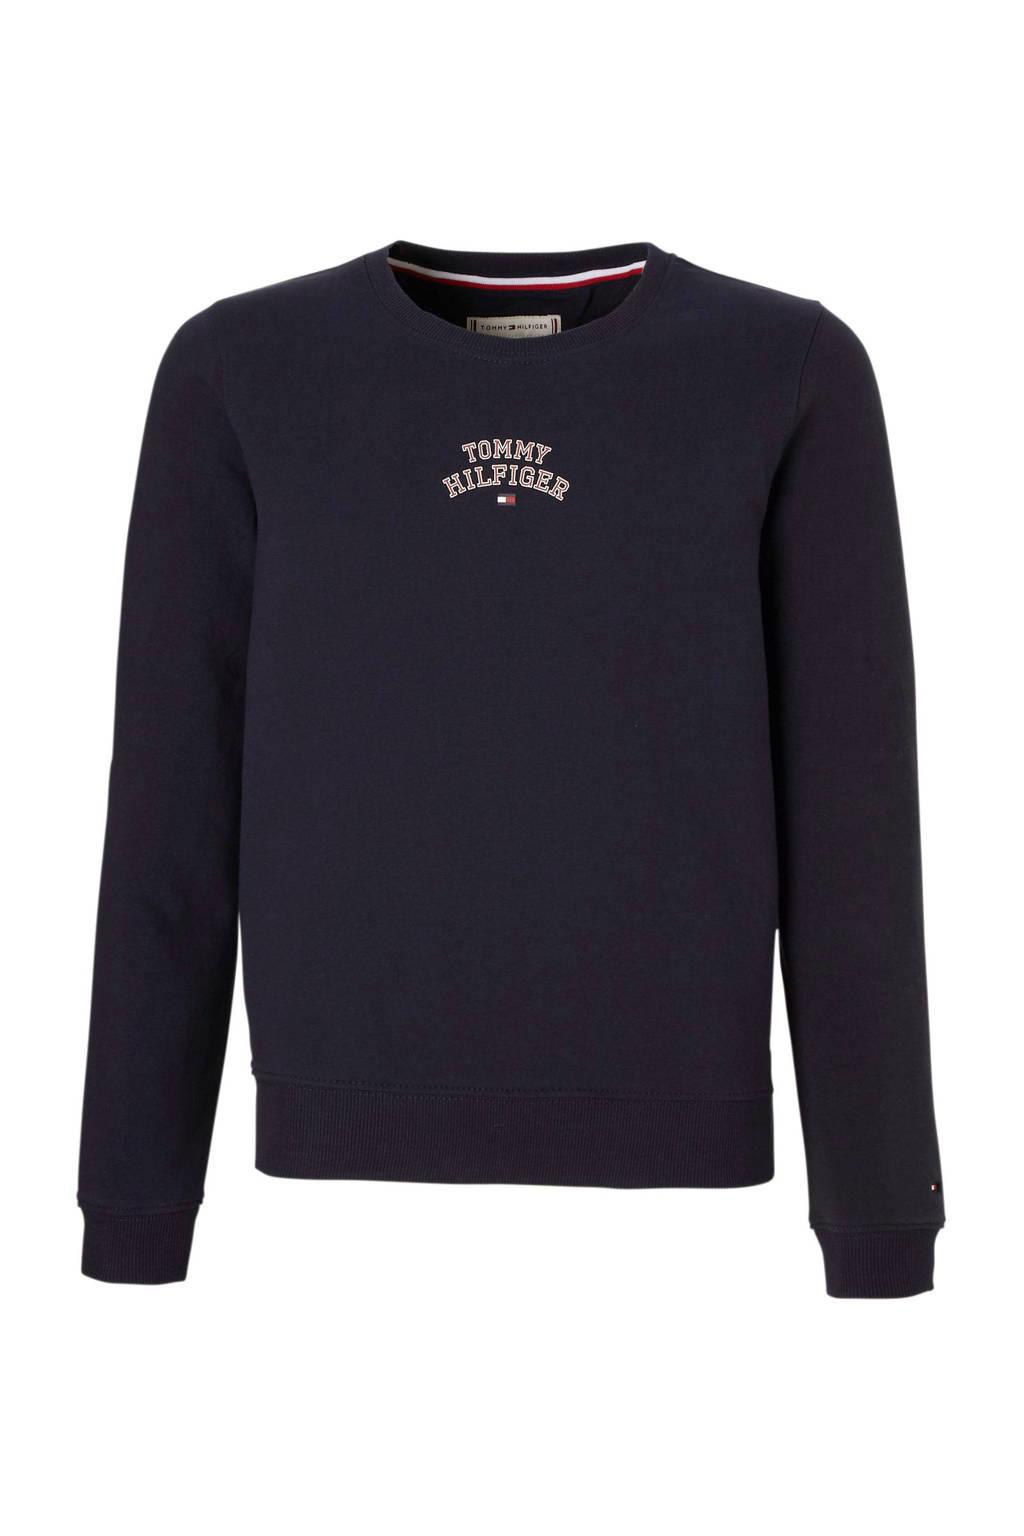 Tommy Hilfiger sweater met kleine logoprint donkerblauw, Donkerblauw